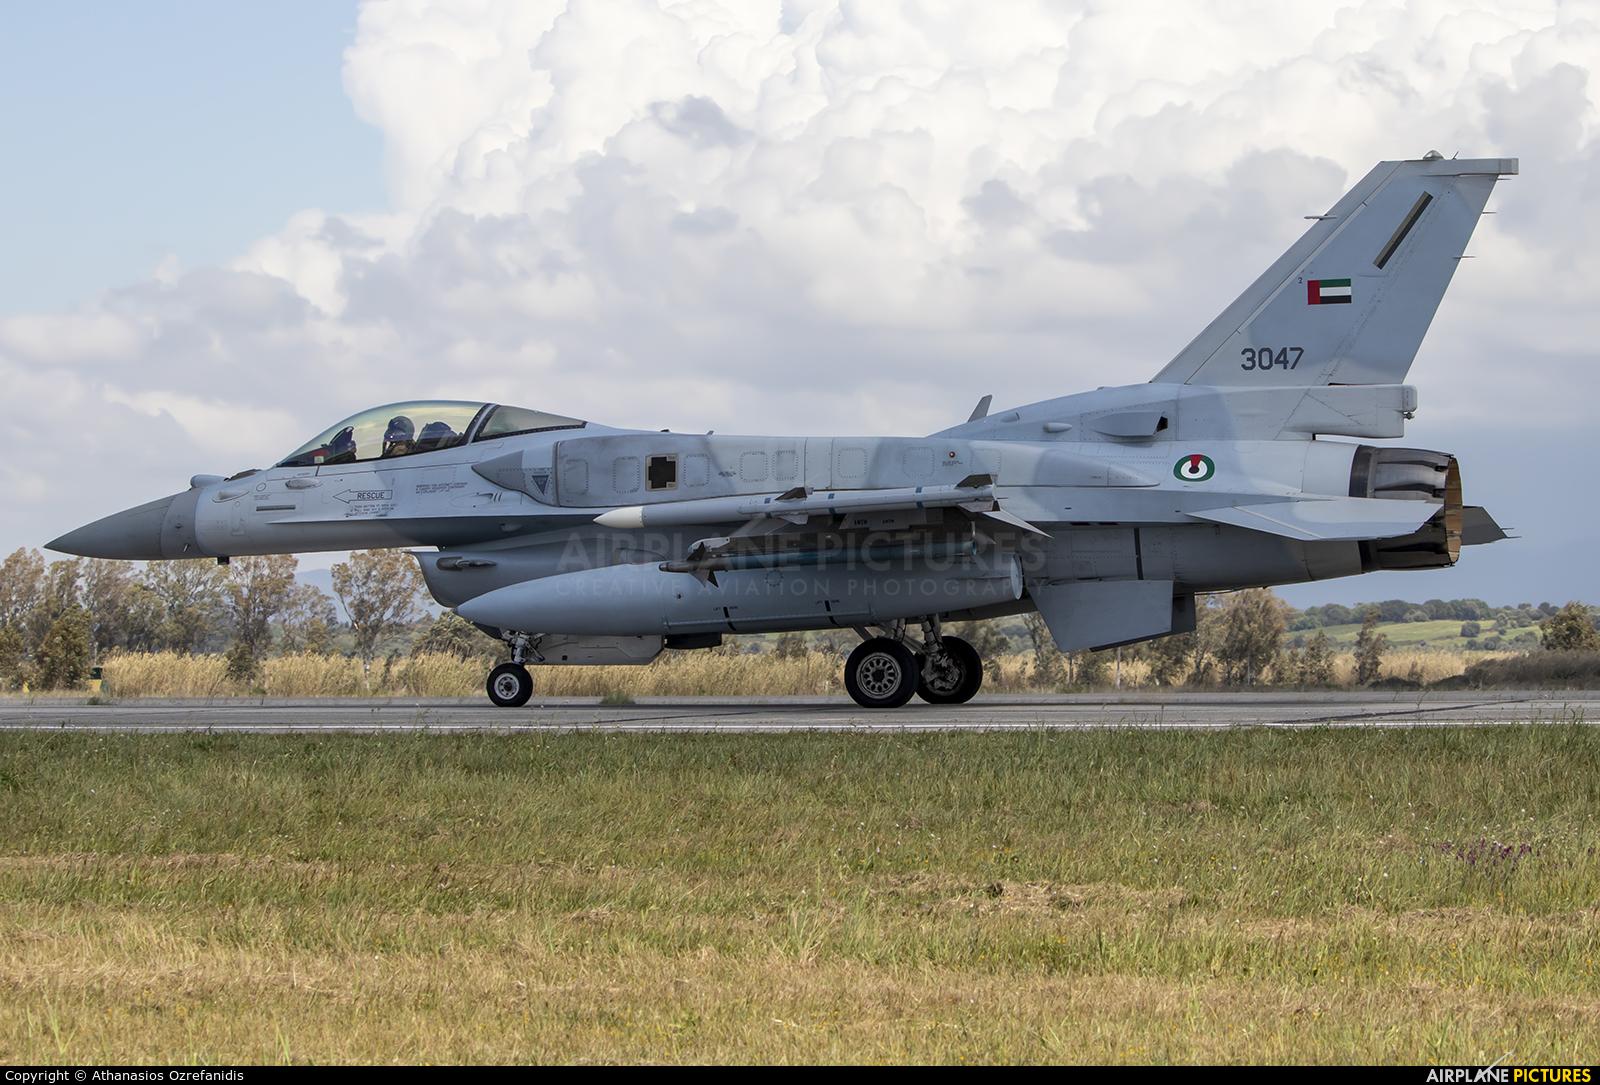 United Arab Emirates - Air Force 3047 aircraft at Andravida AB